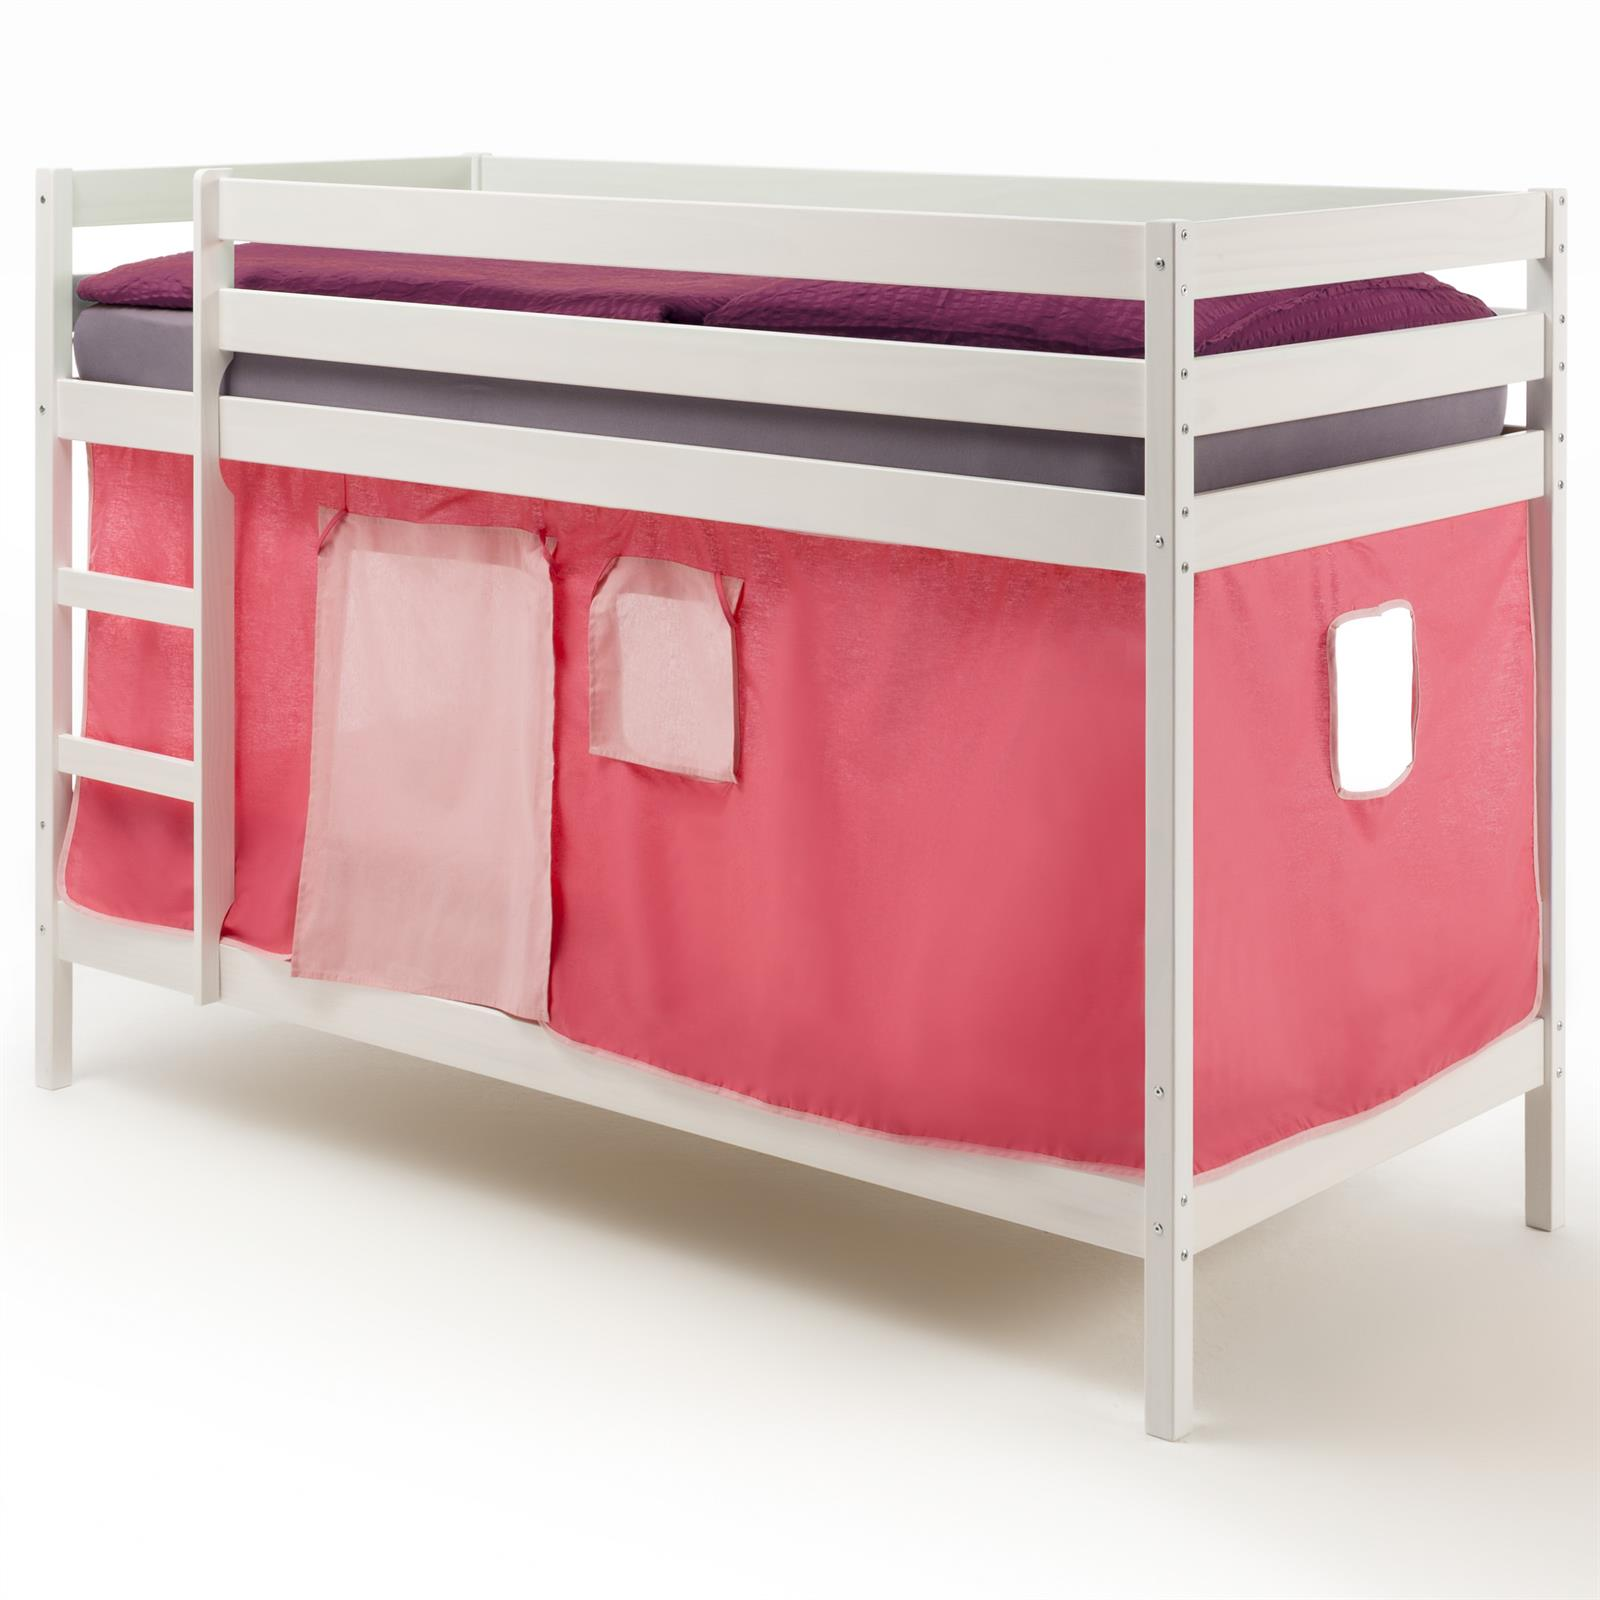 Lits superpos s en pin lasur blanc felix avec rideaux rose mobil meubles - Lit superpose en pin ...